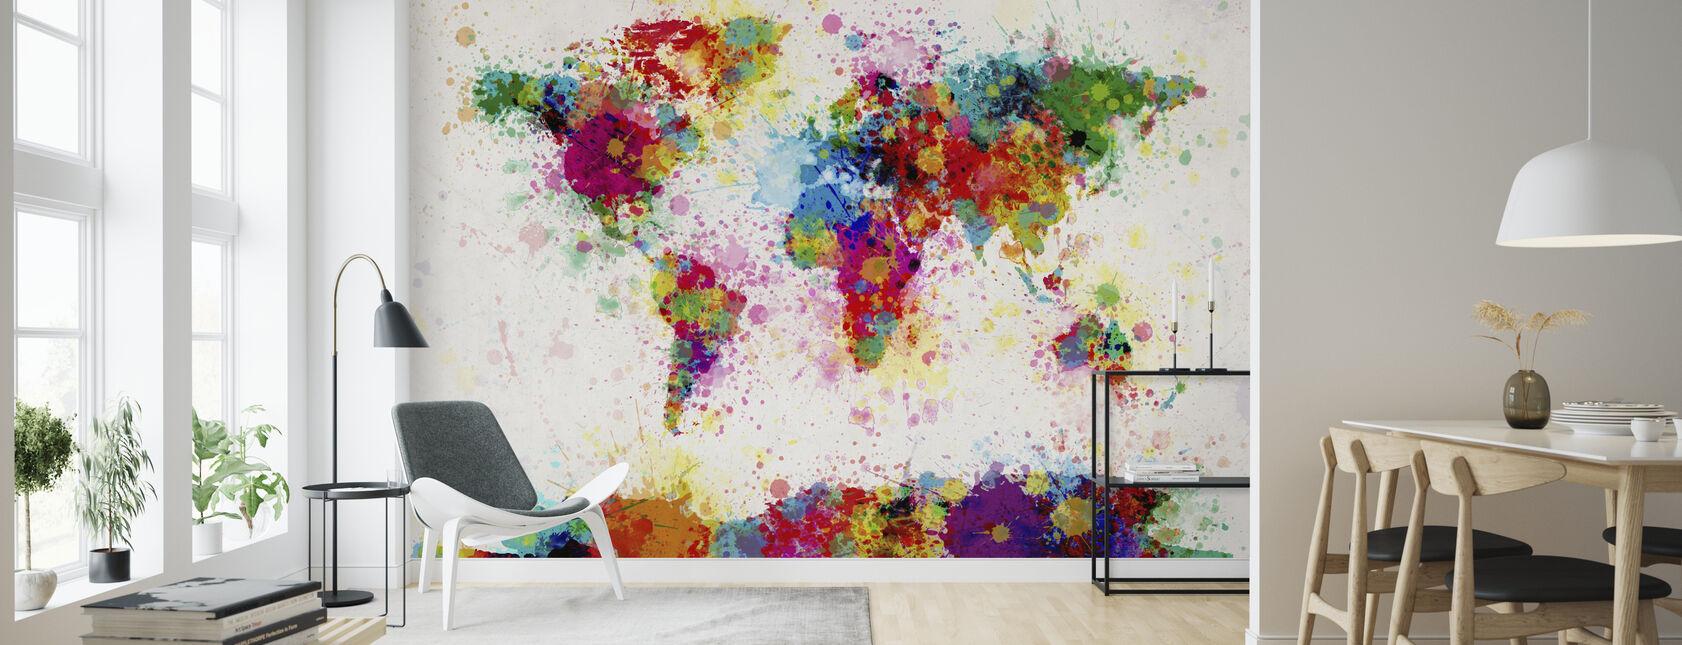 Mapa de salpicaduras de pintura - Papel pintado - Salón